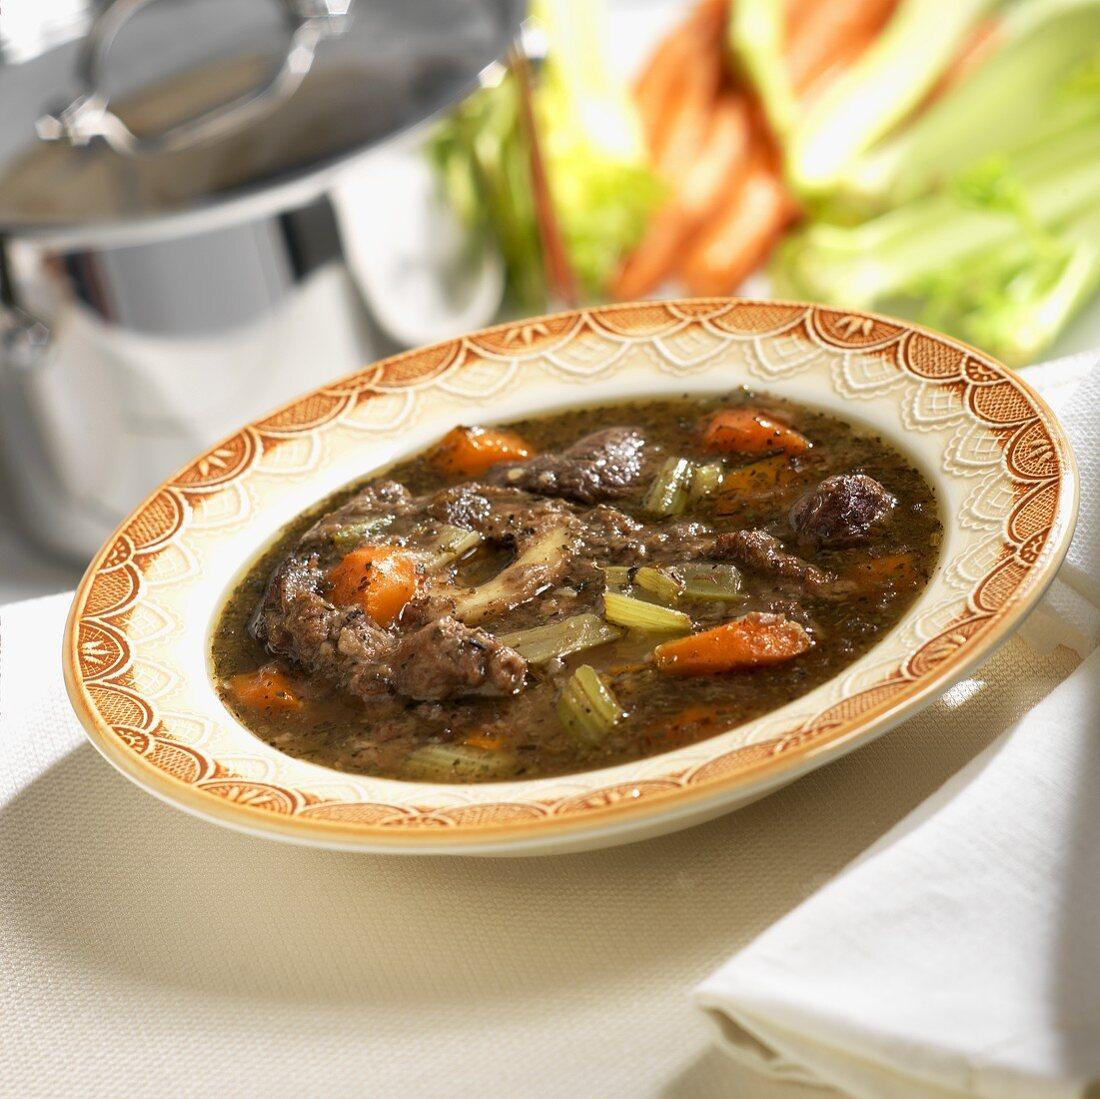 Bowl of Braised Beef Shank Stew